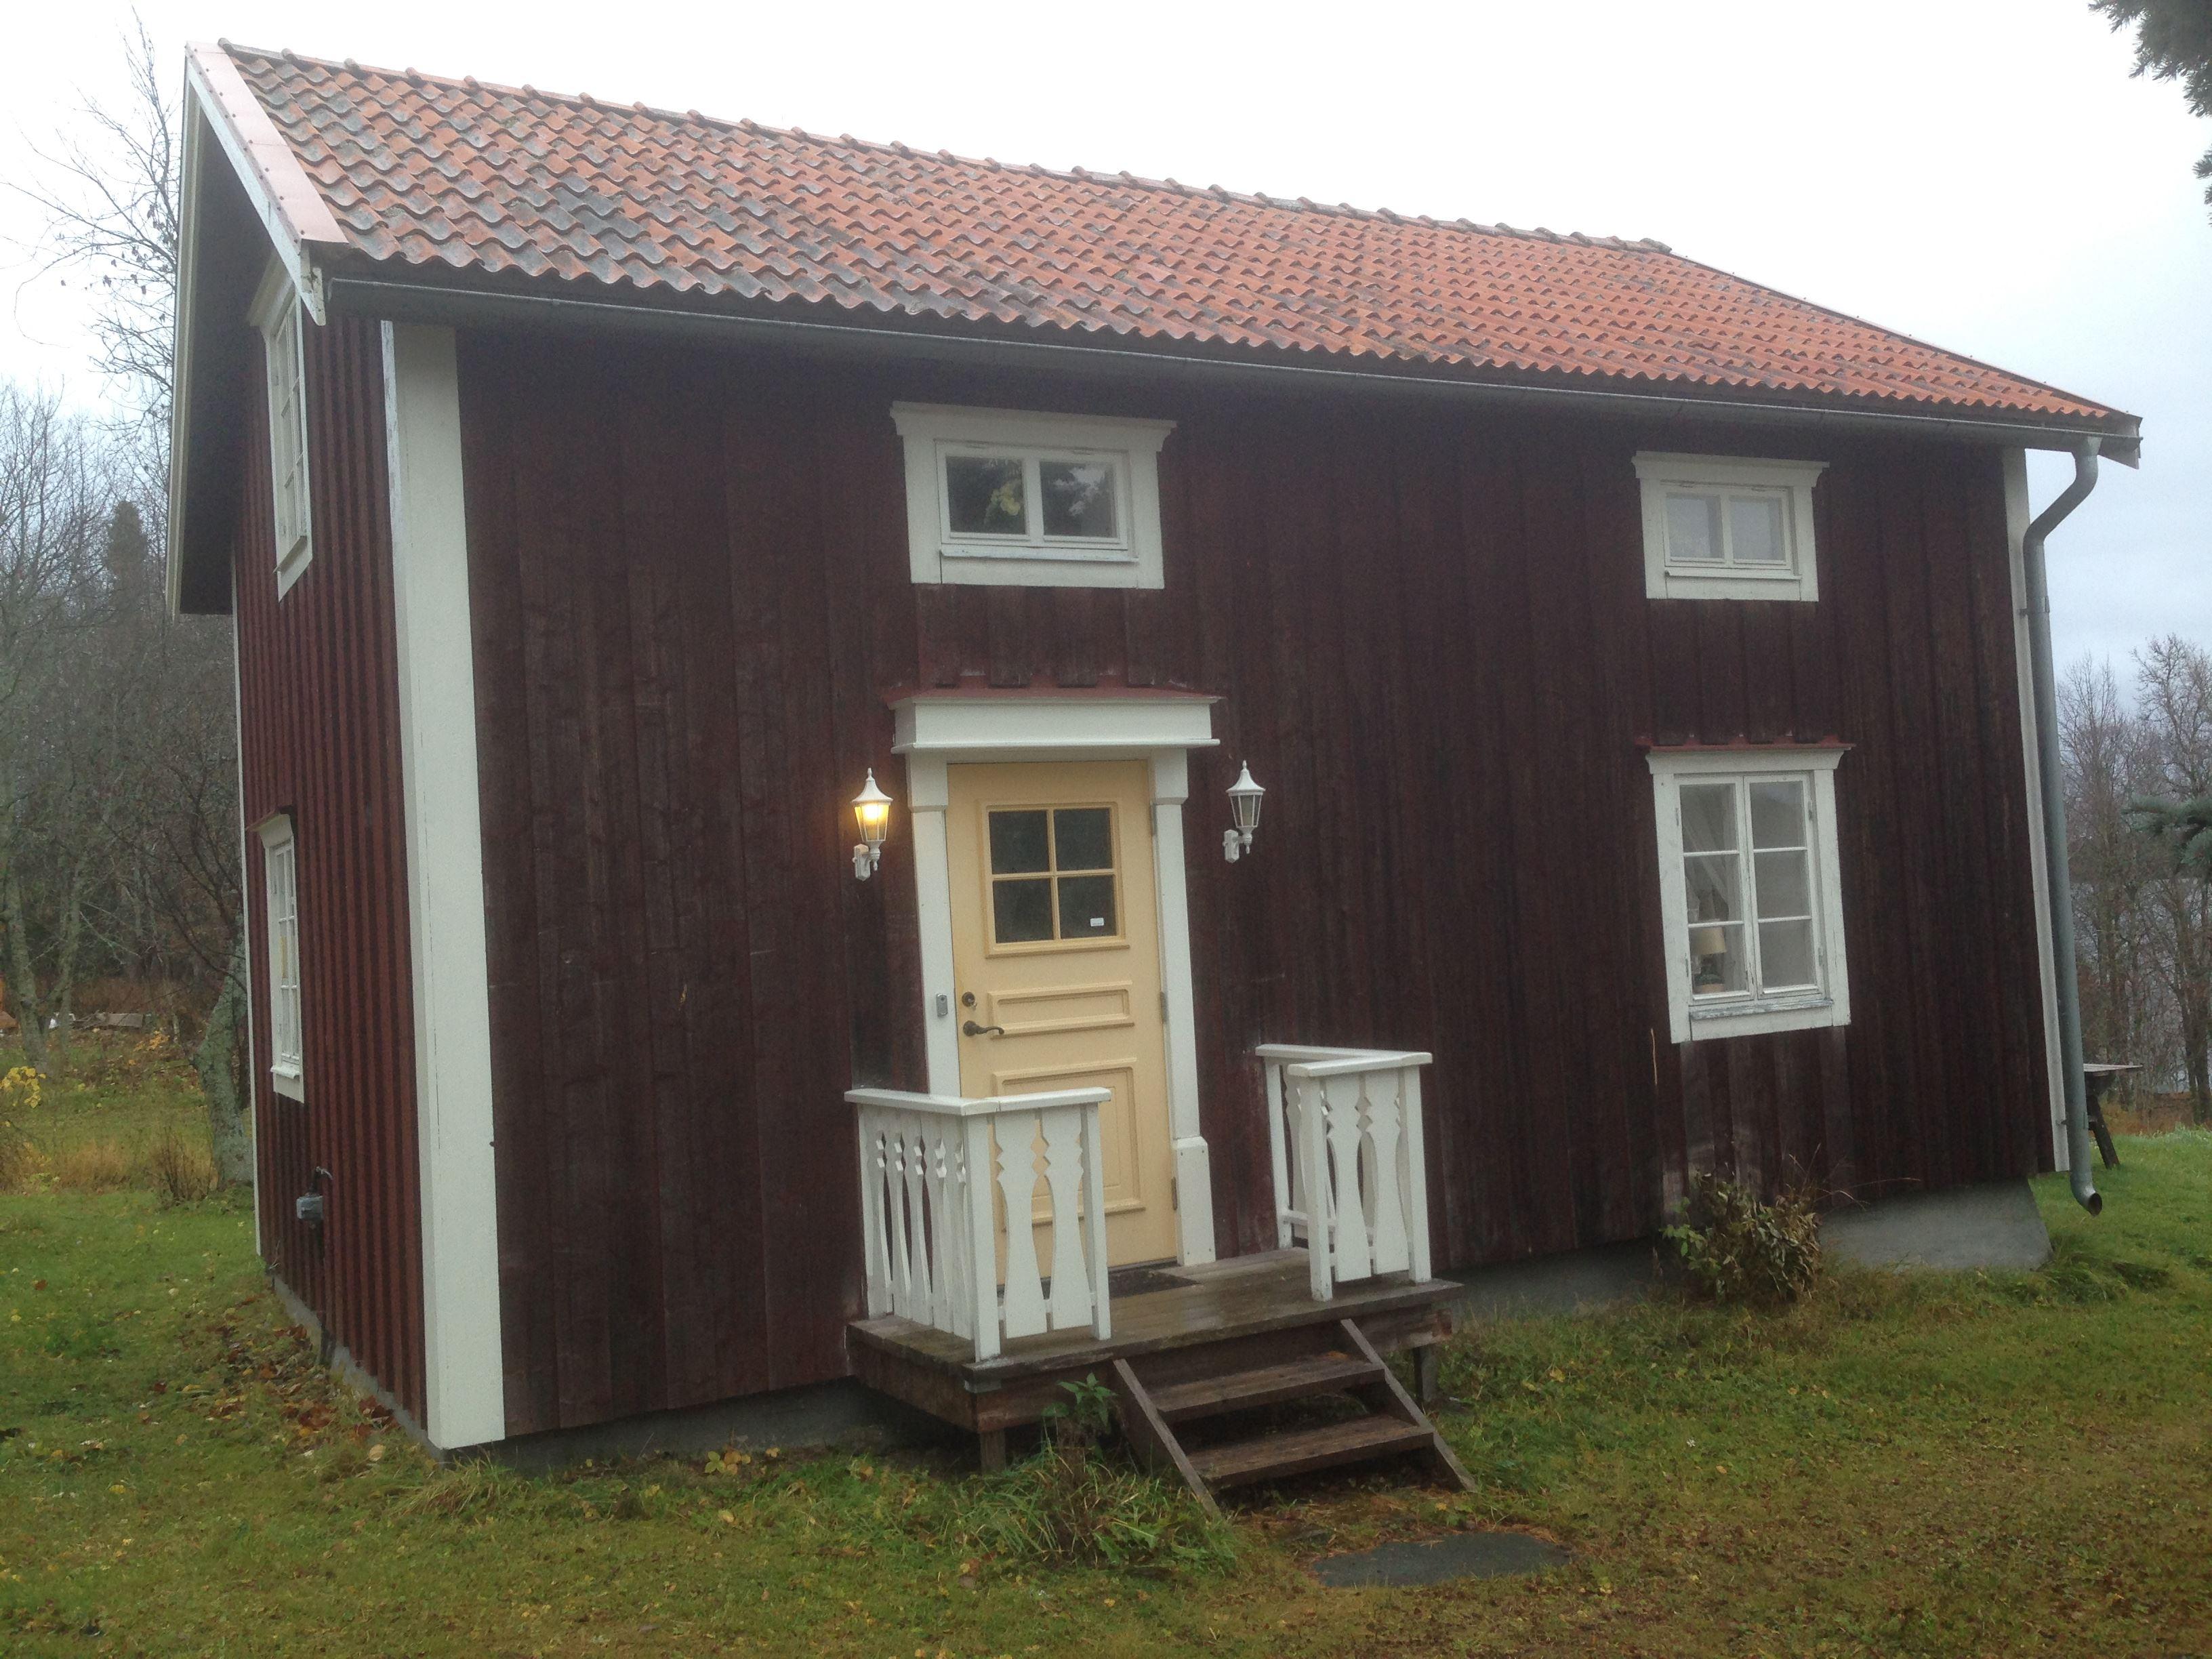 HV153 House in Alsen